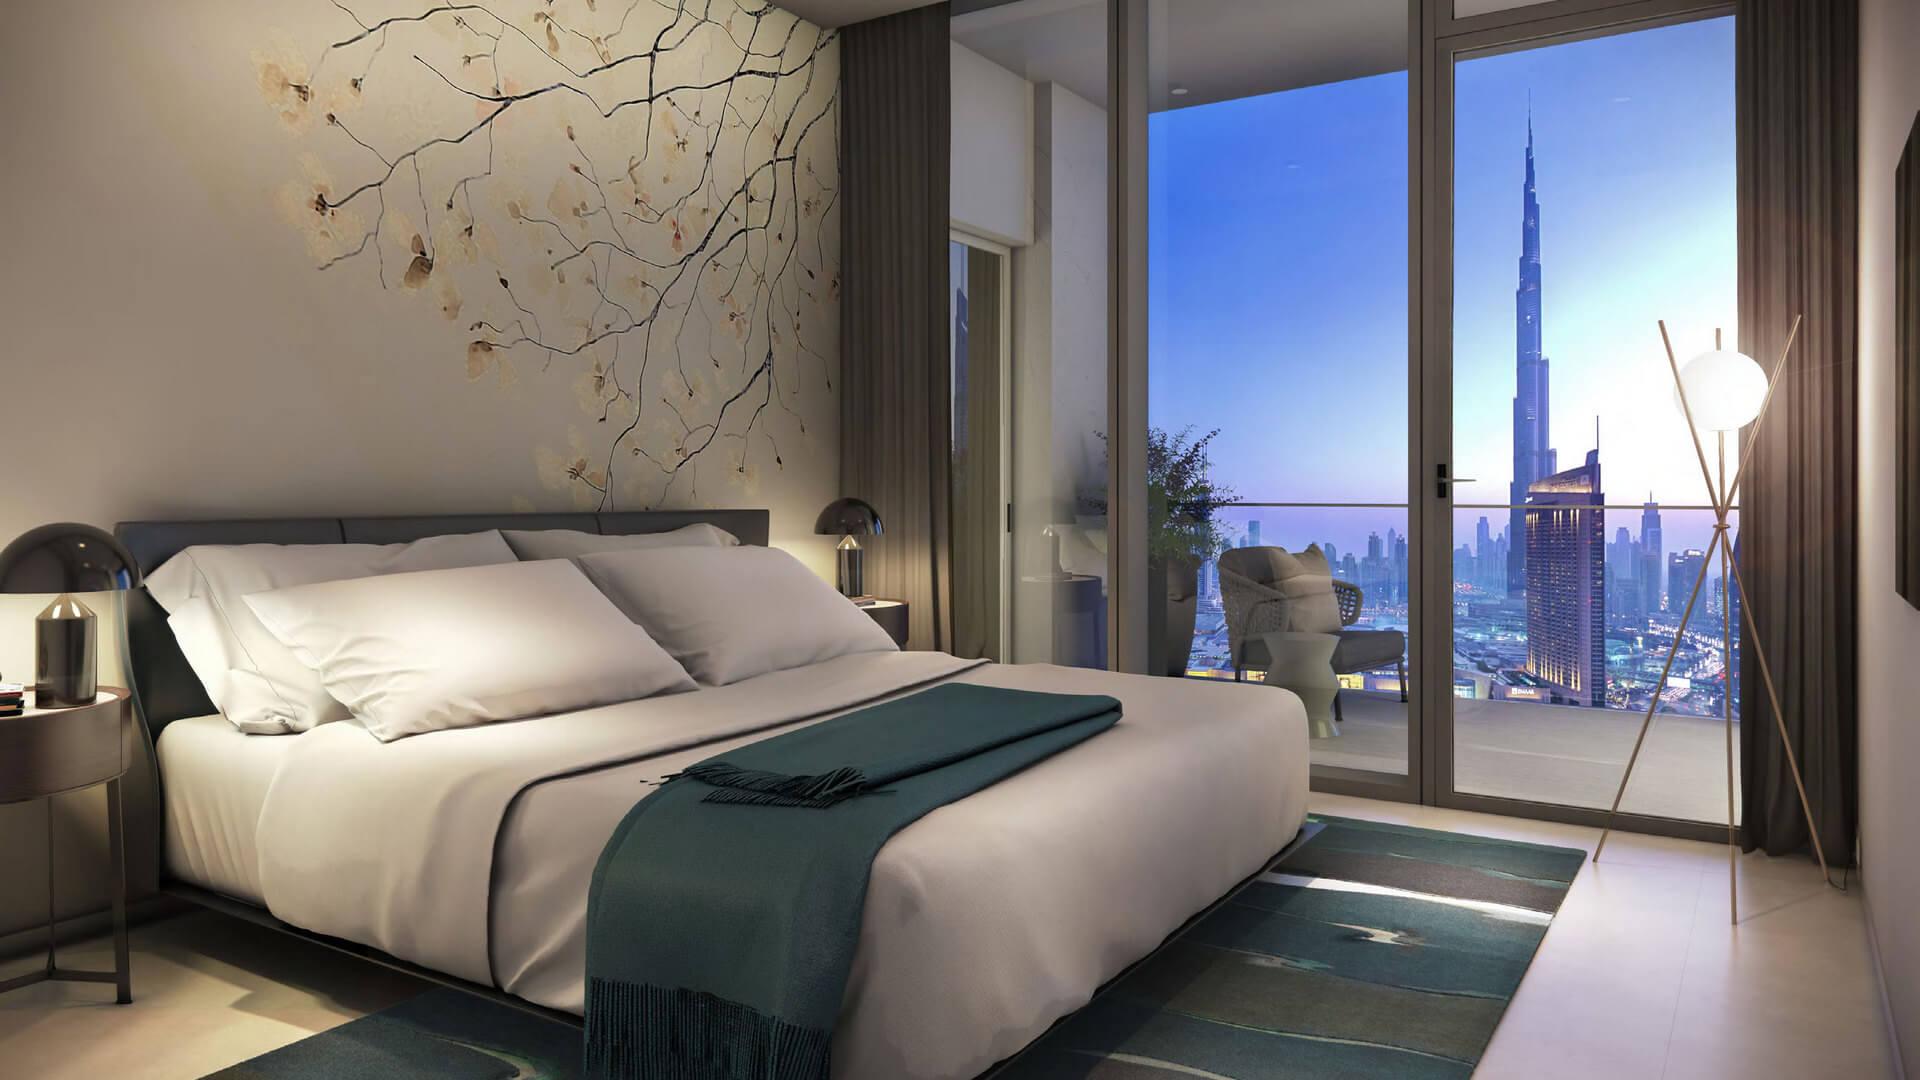 Apartamento en venta en Dubai, EAU, 1 dormitorio, 67 m2, № 24077 – foto 1